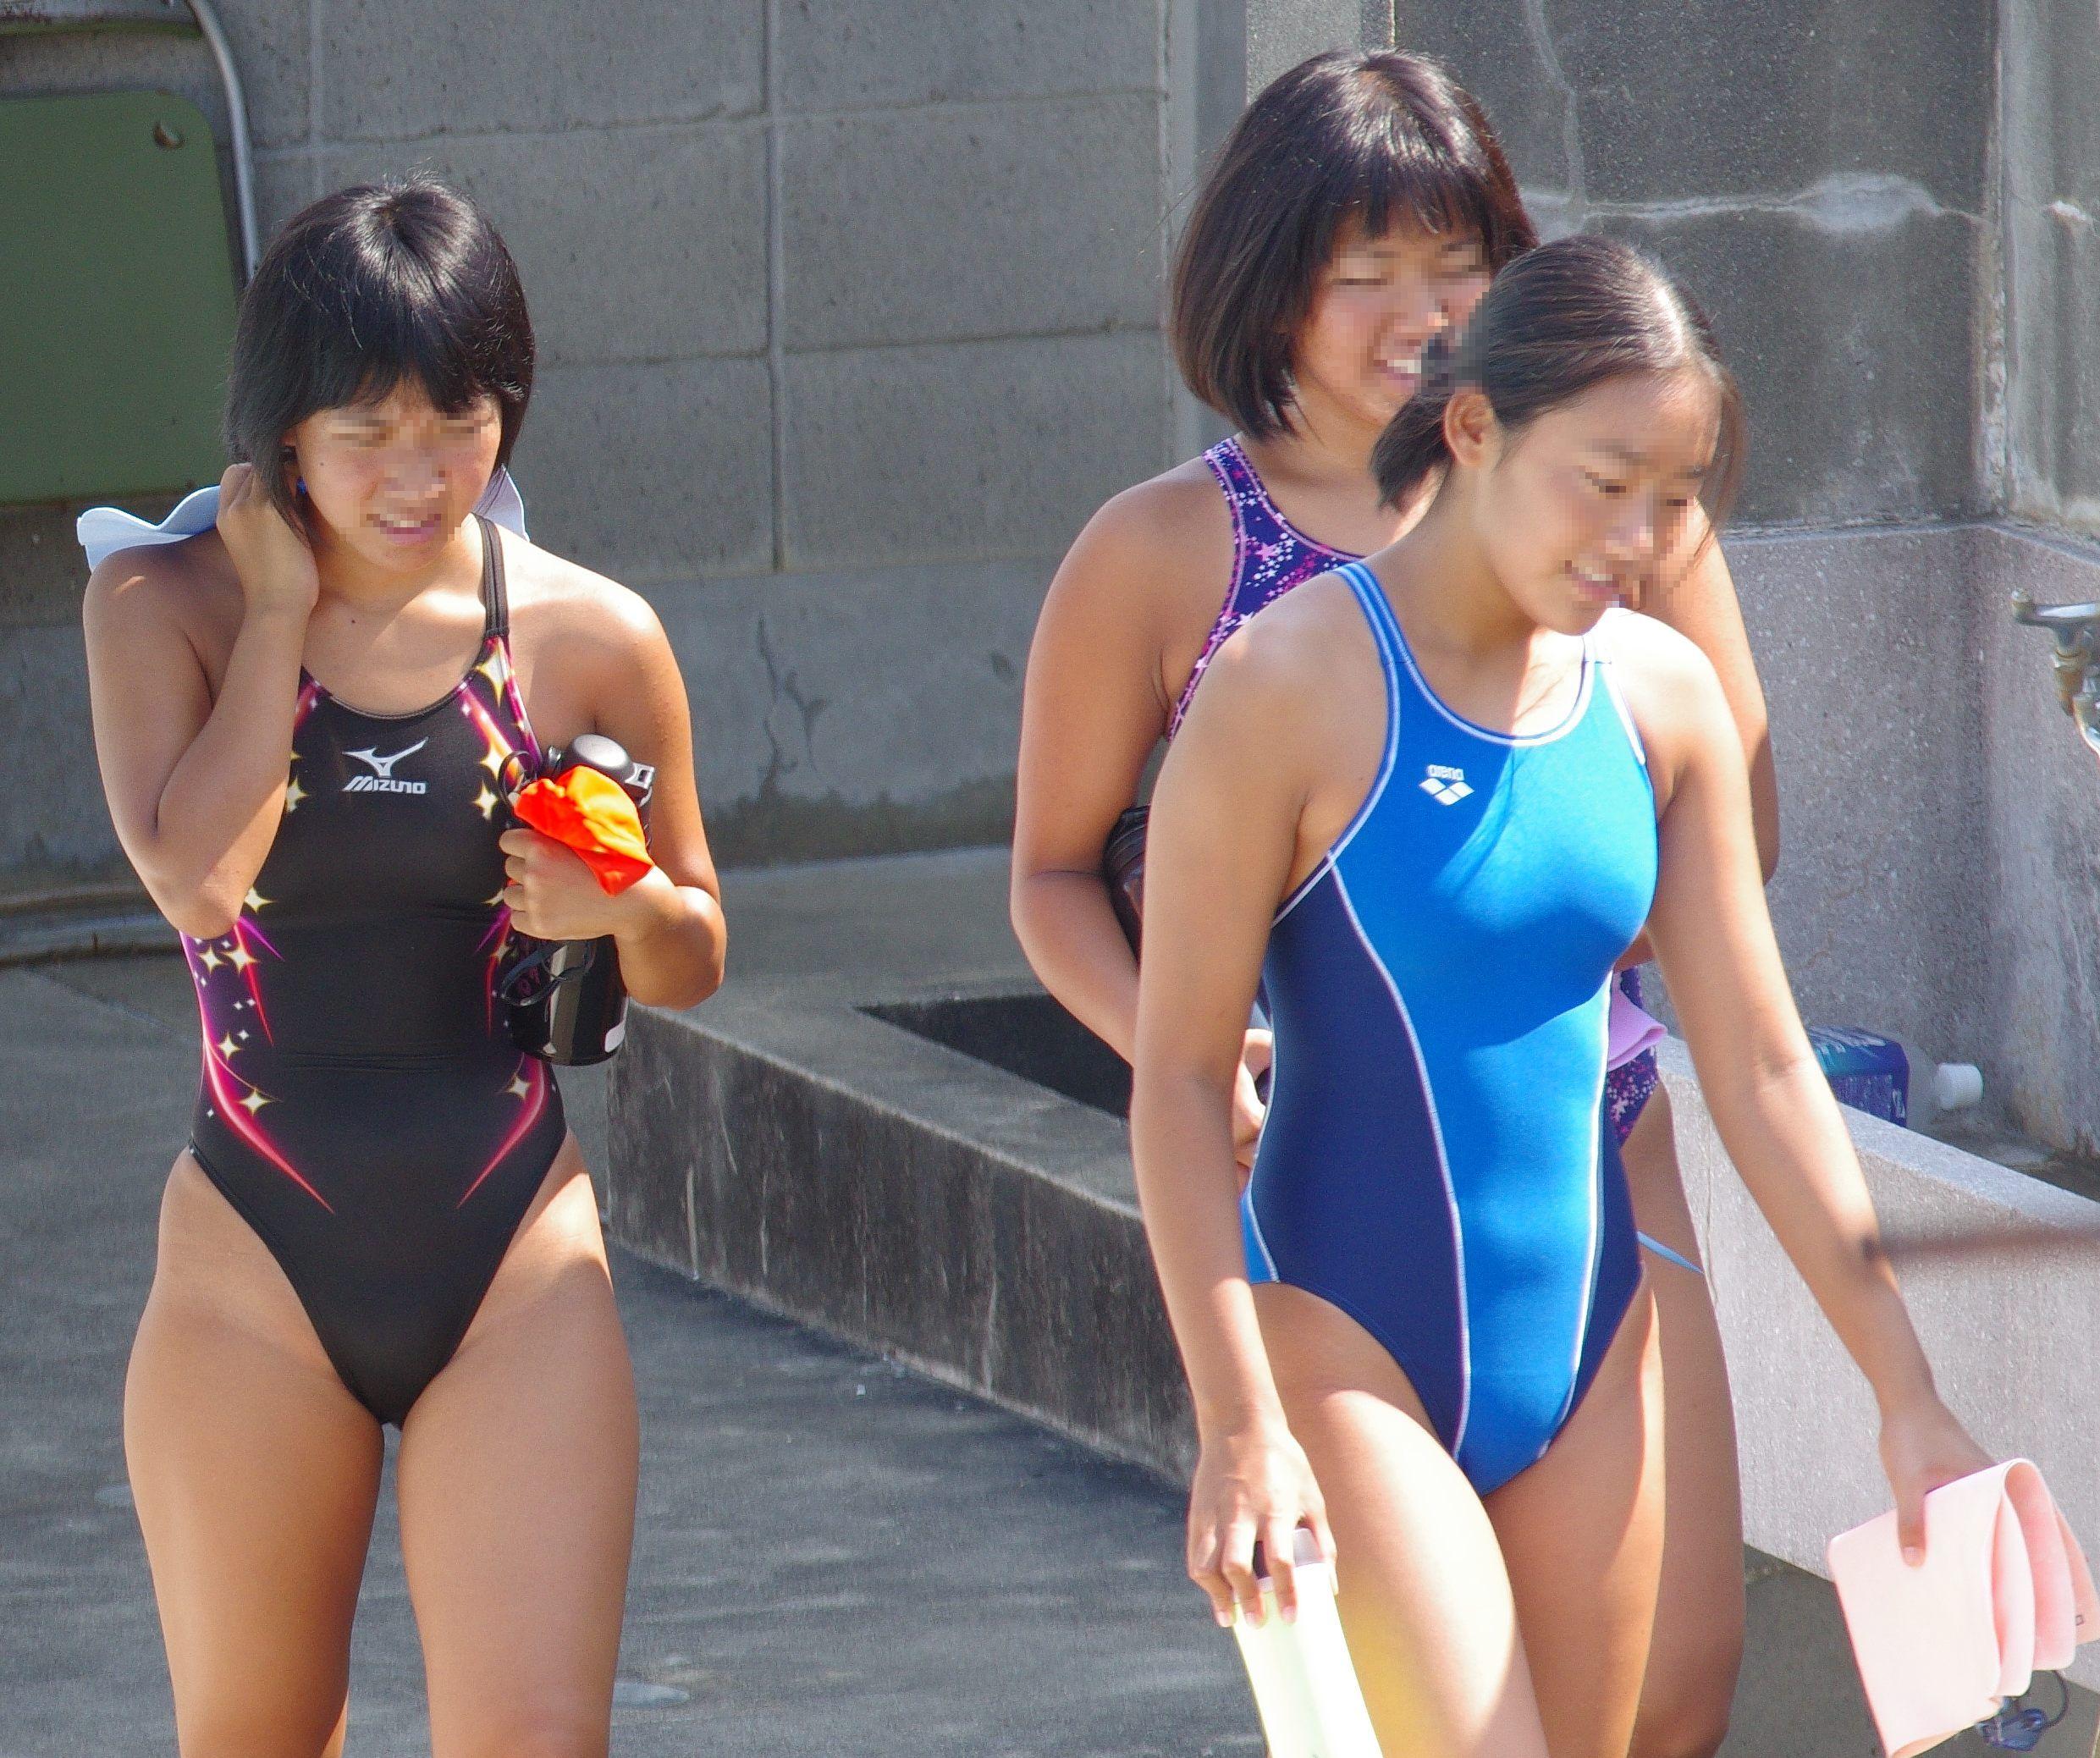 女子高生競泳水着 Pinterest